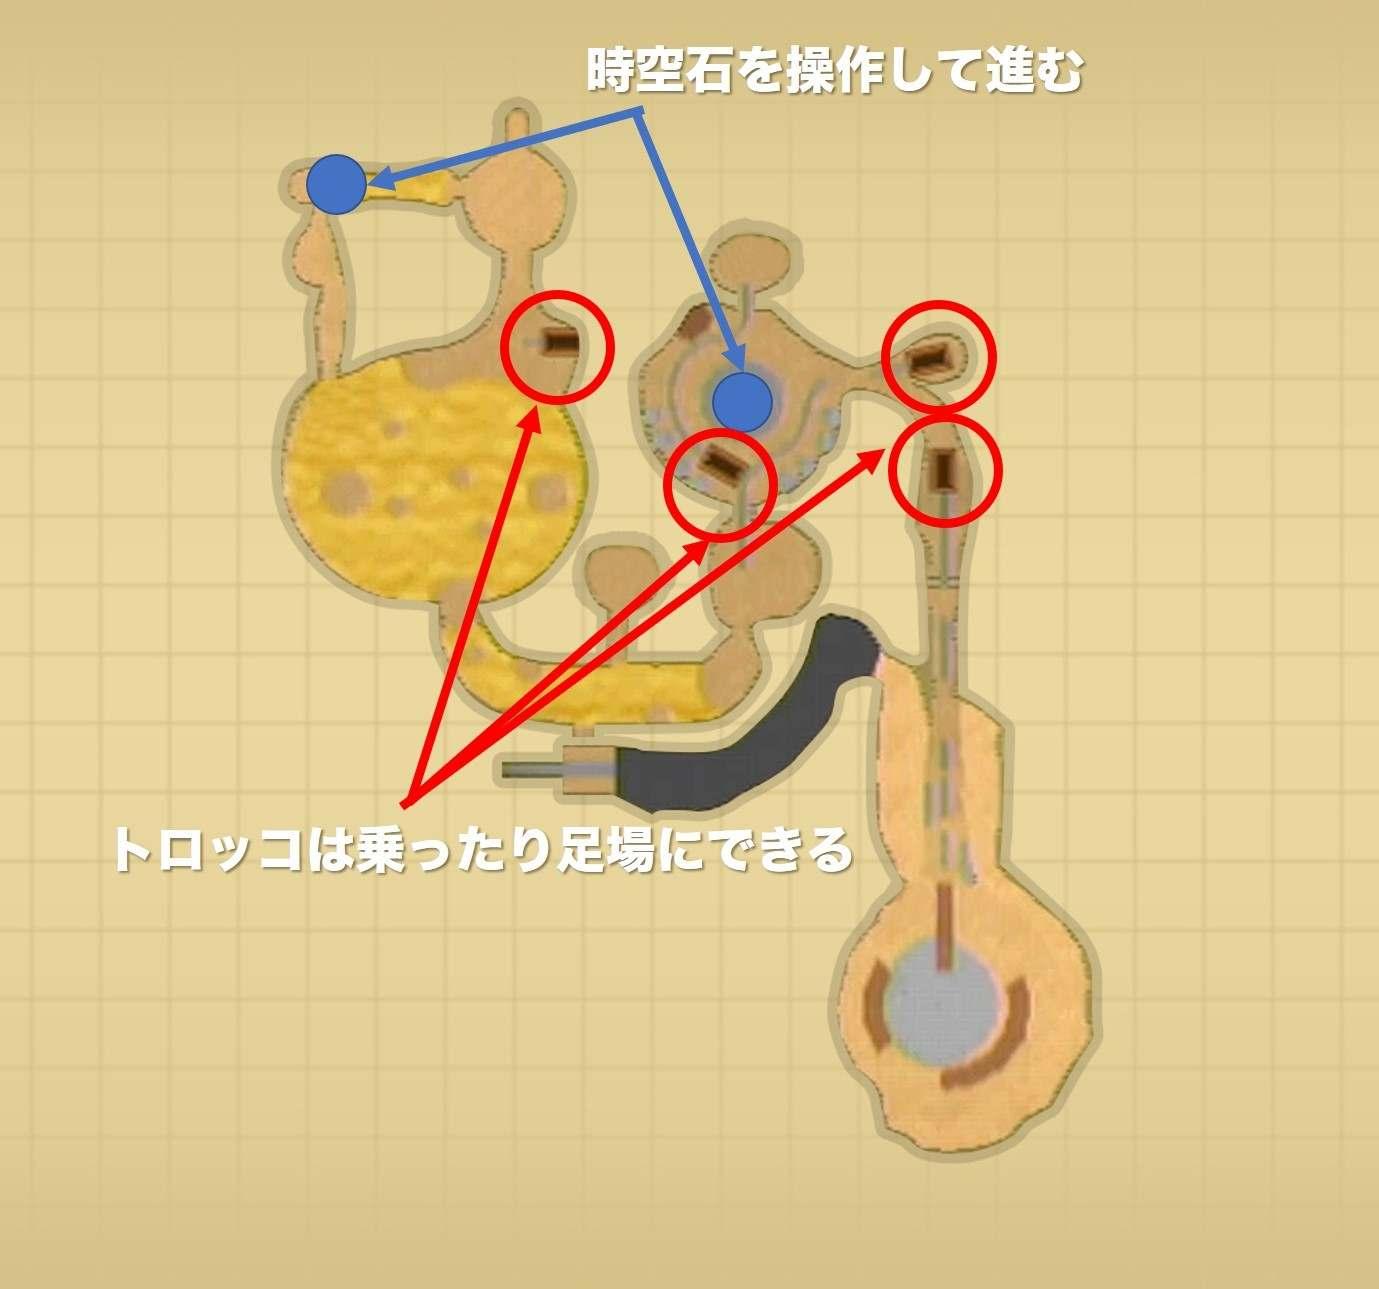 ラネール鉱山チャートマップ